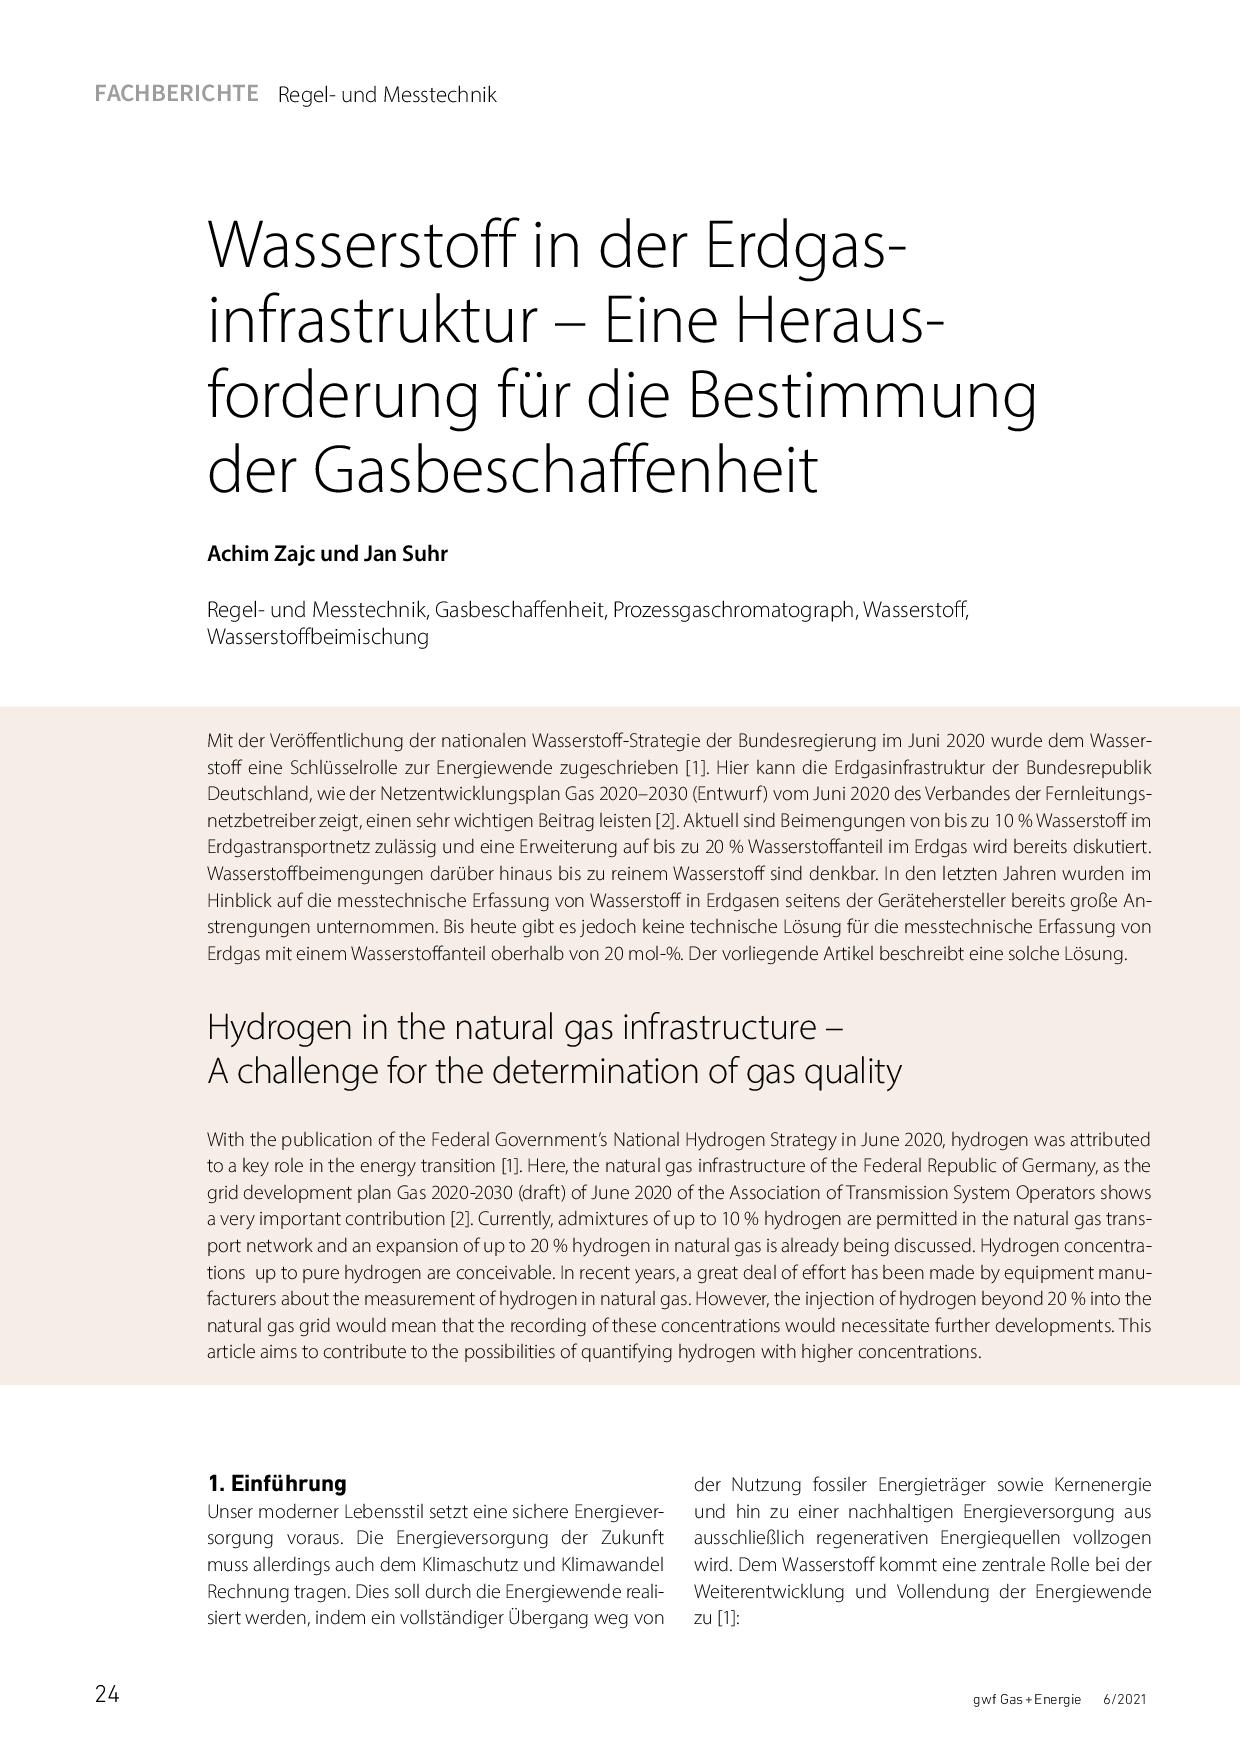 Wasserstoff in der Erdgasinfrastruktur – Eine Herausforderung für die Bestimmung derGasbeschaffenheit